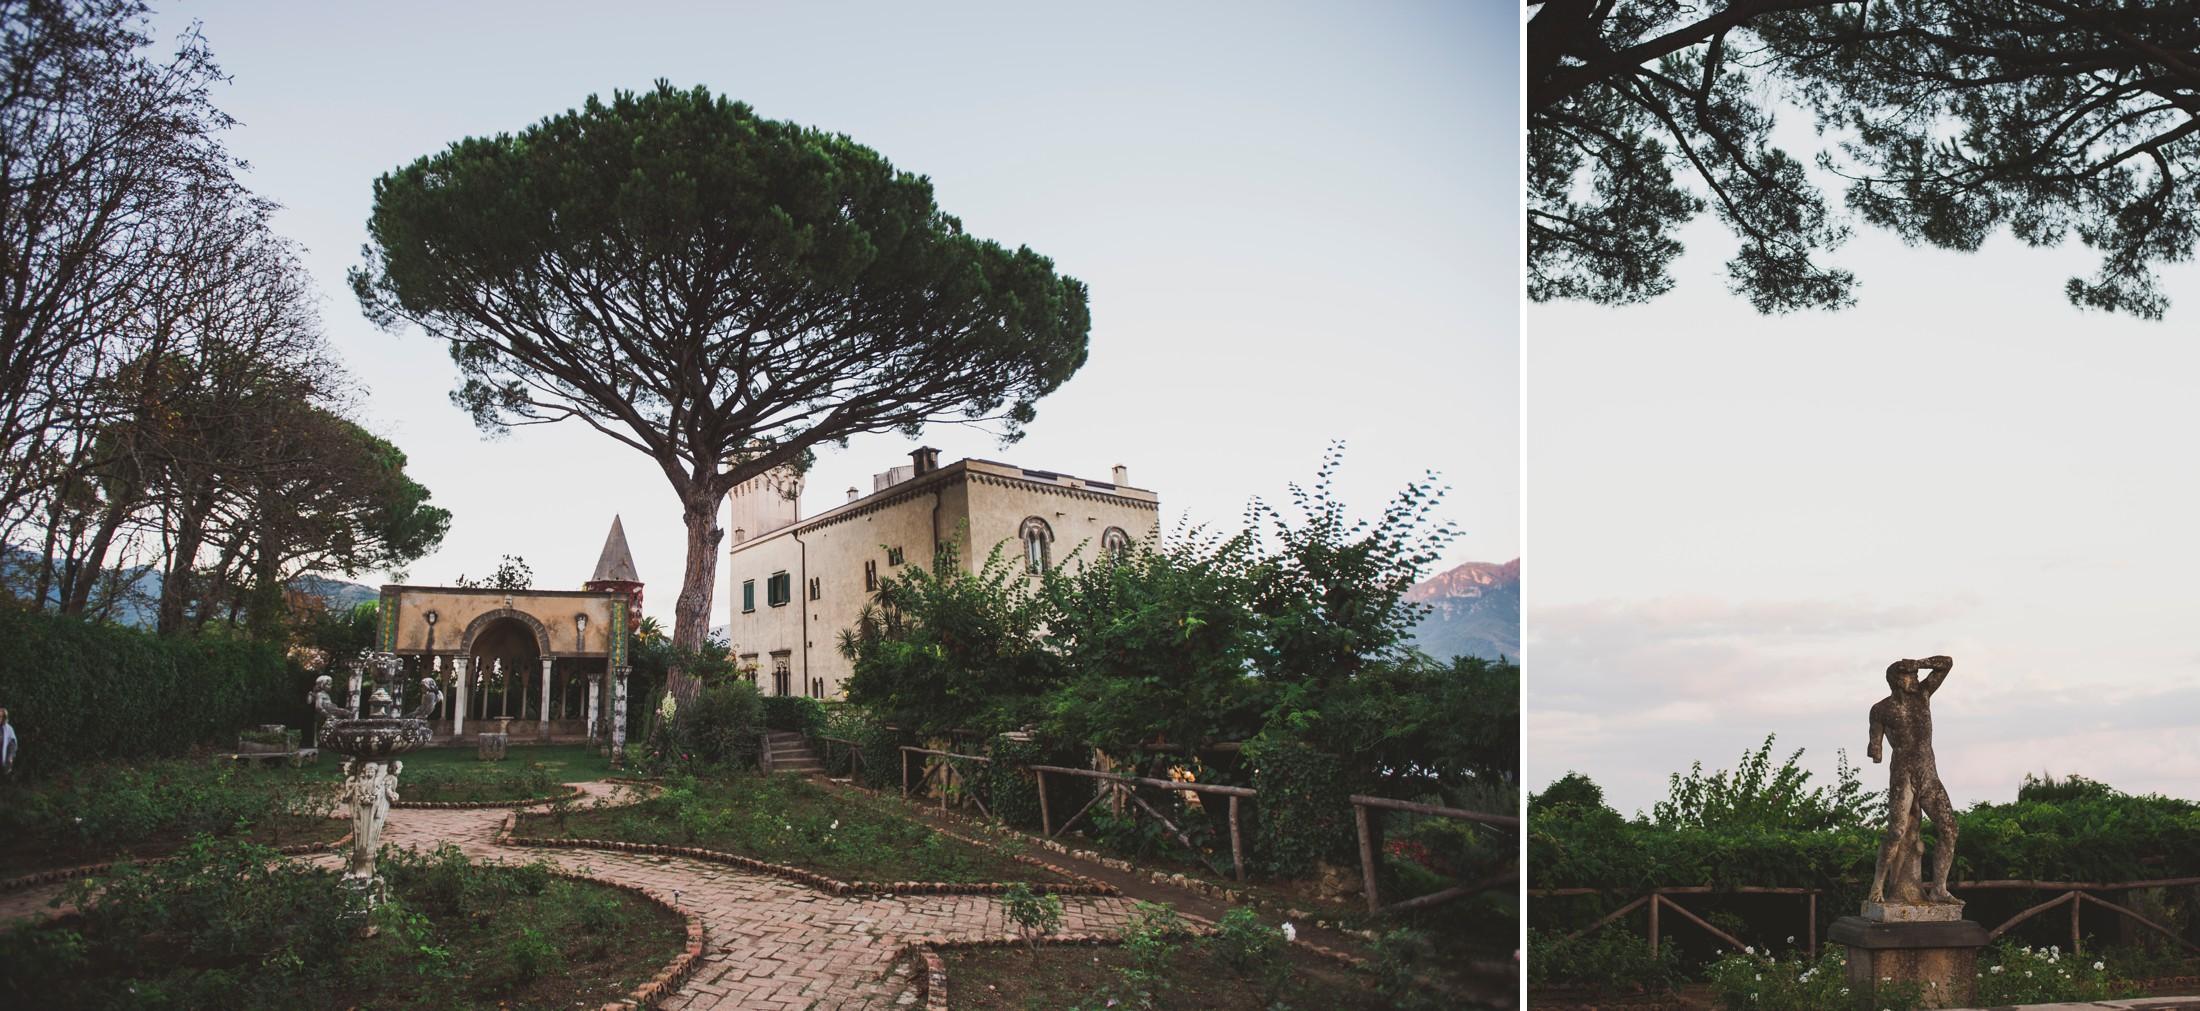 Matrimonio In Villa Cimbrone : Ulku adnan italy wedding photographer